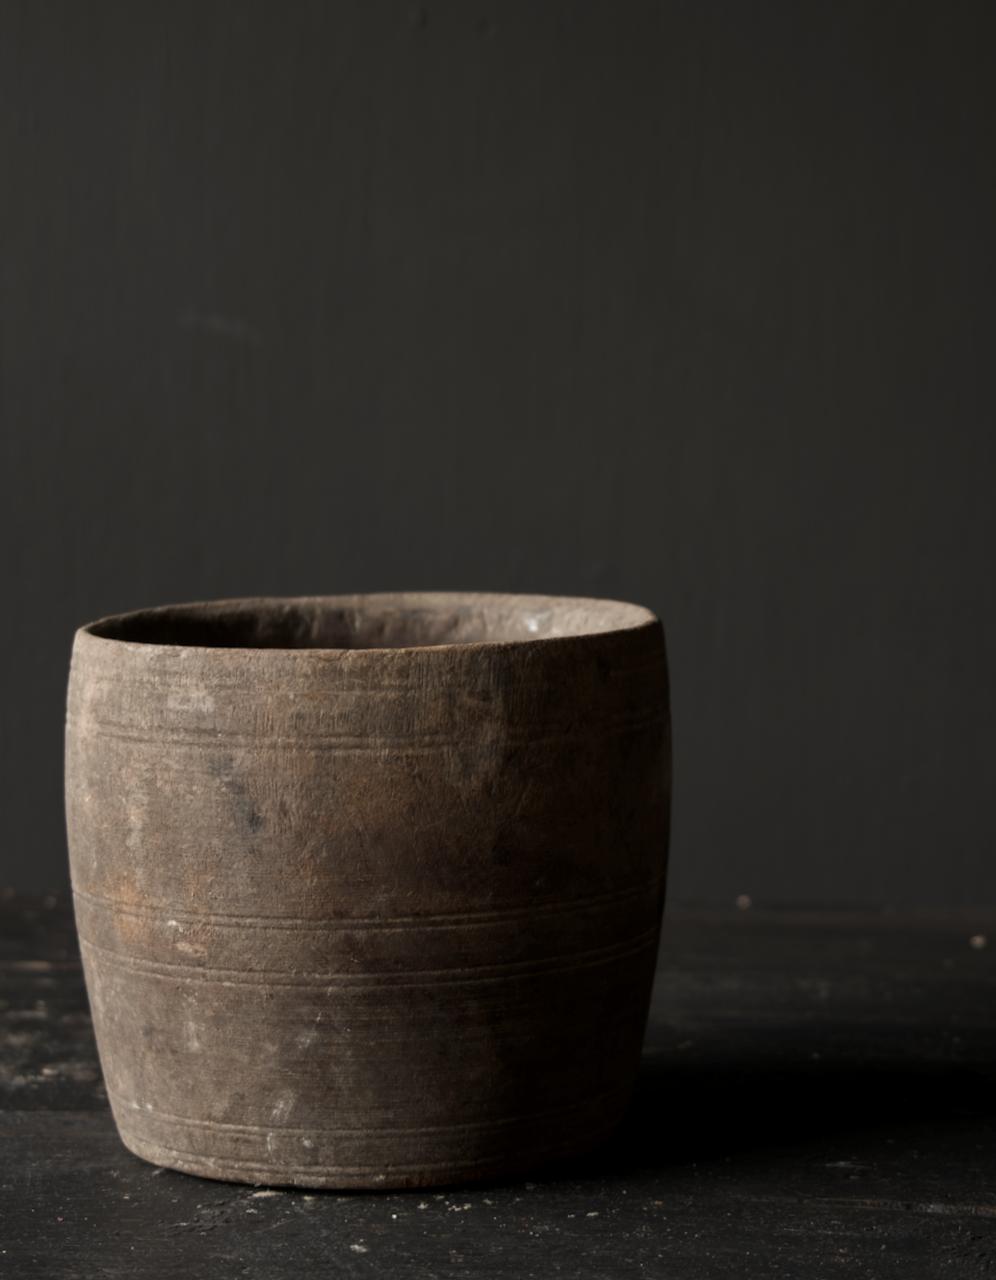 Nepalesischer alter hölzerner Topf oder Vase-6